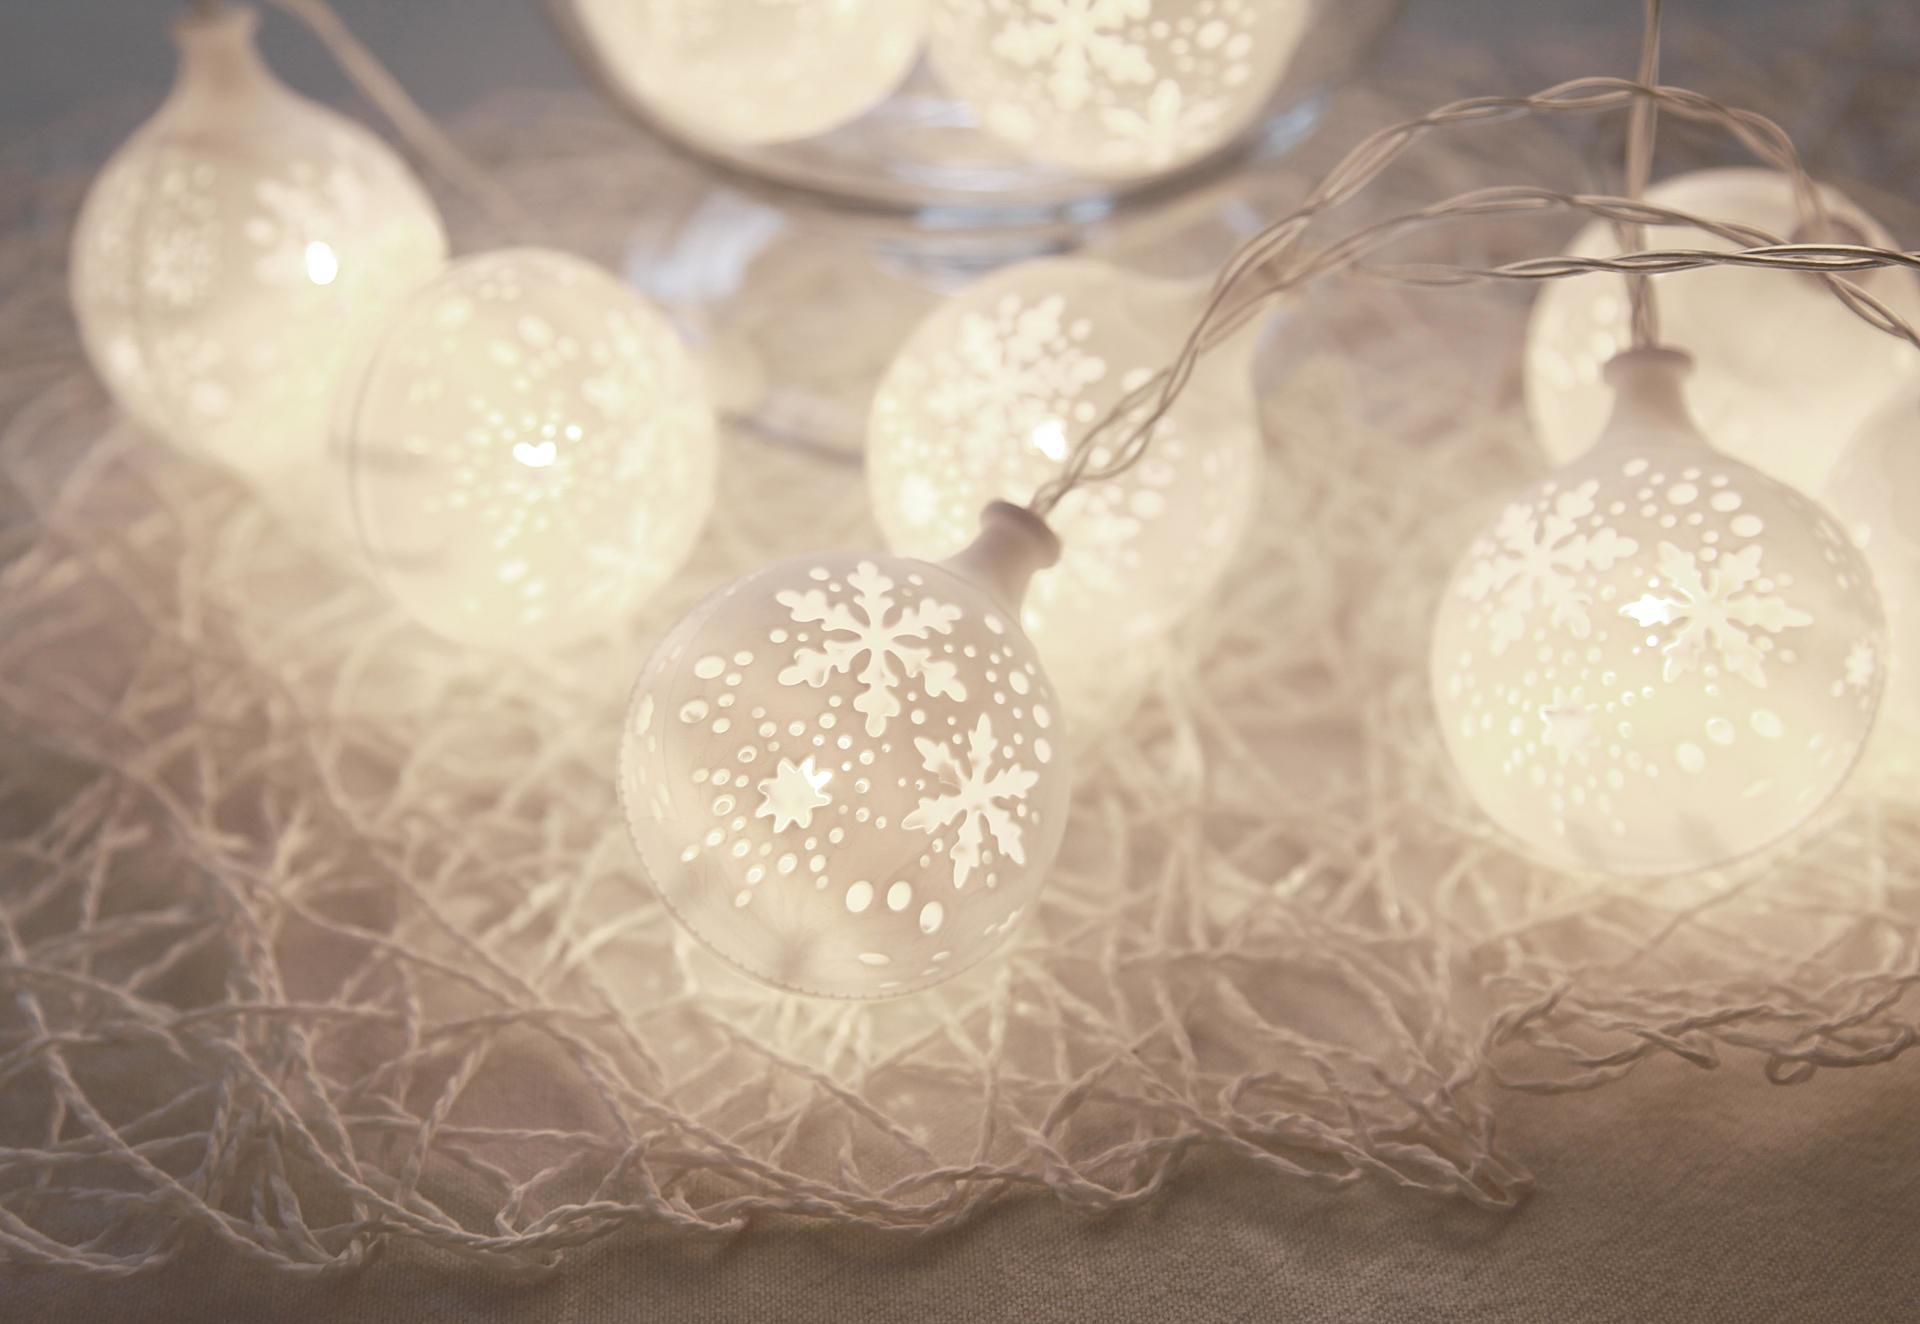 STAR TRADING Světelný LED řetěz Flakey, bílá barva, plast